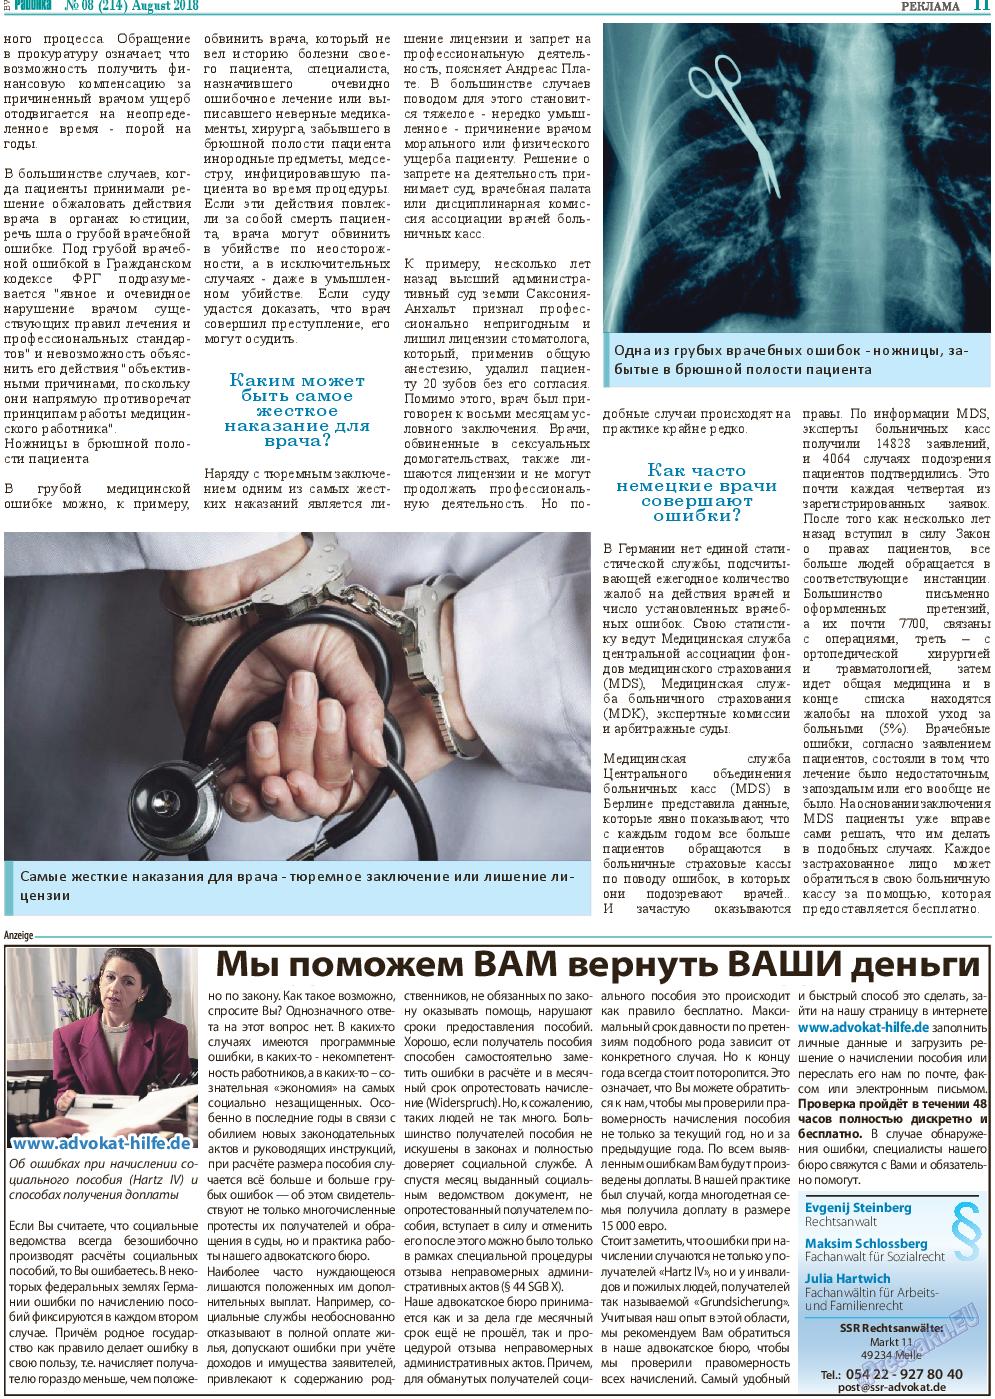 Районка-West (газета). 2018 год, номер 8, стр. 11